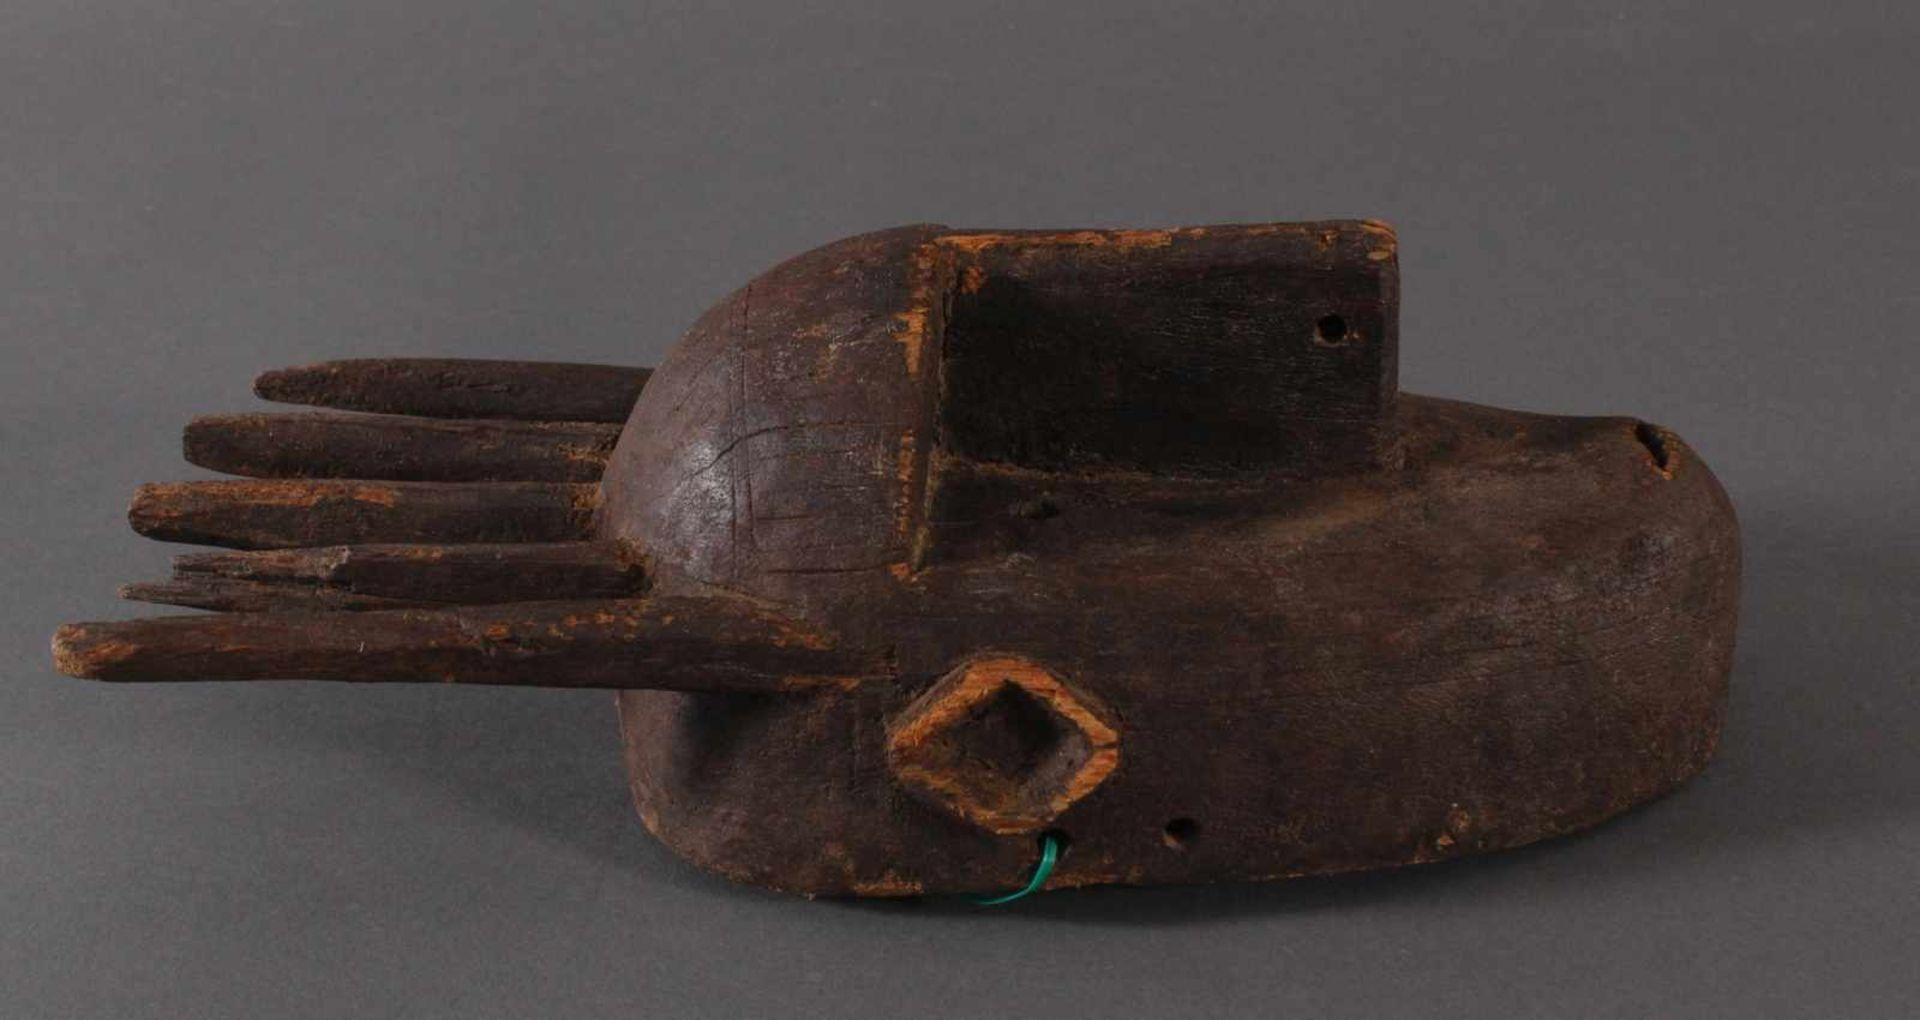 Antike Maske, Marka, Mali 1.Hälfte 19. Jh.Holz geschnitzt, spitz ovales, schlankes Gesicht mit - Bild 2 aus 6